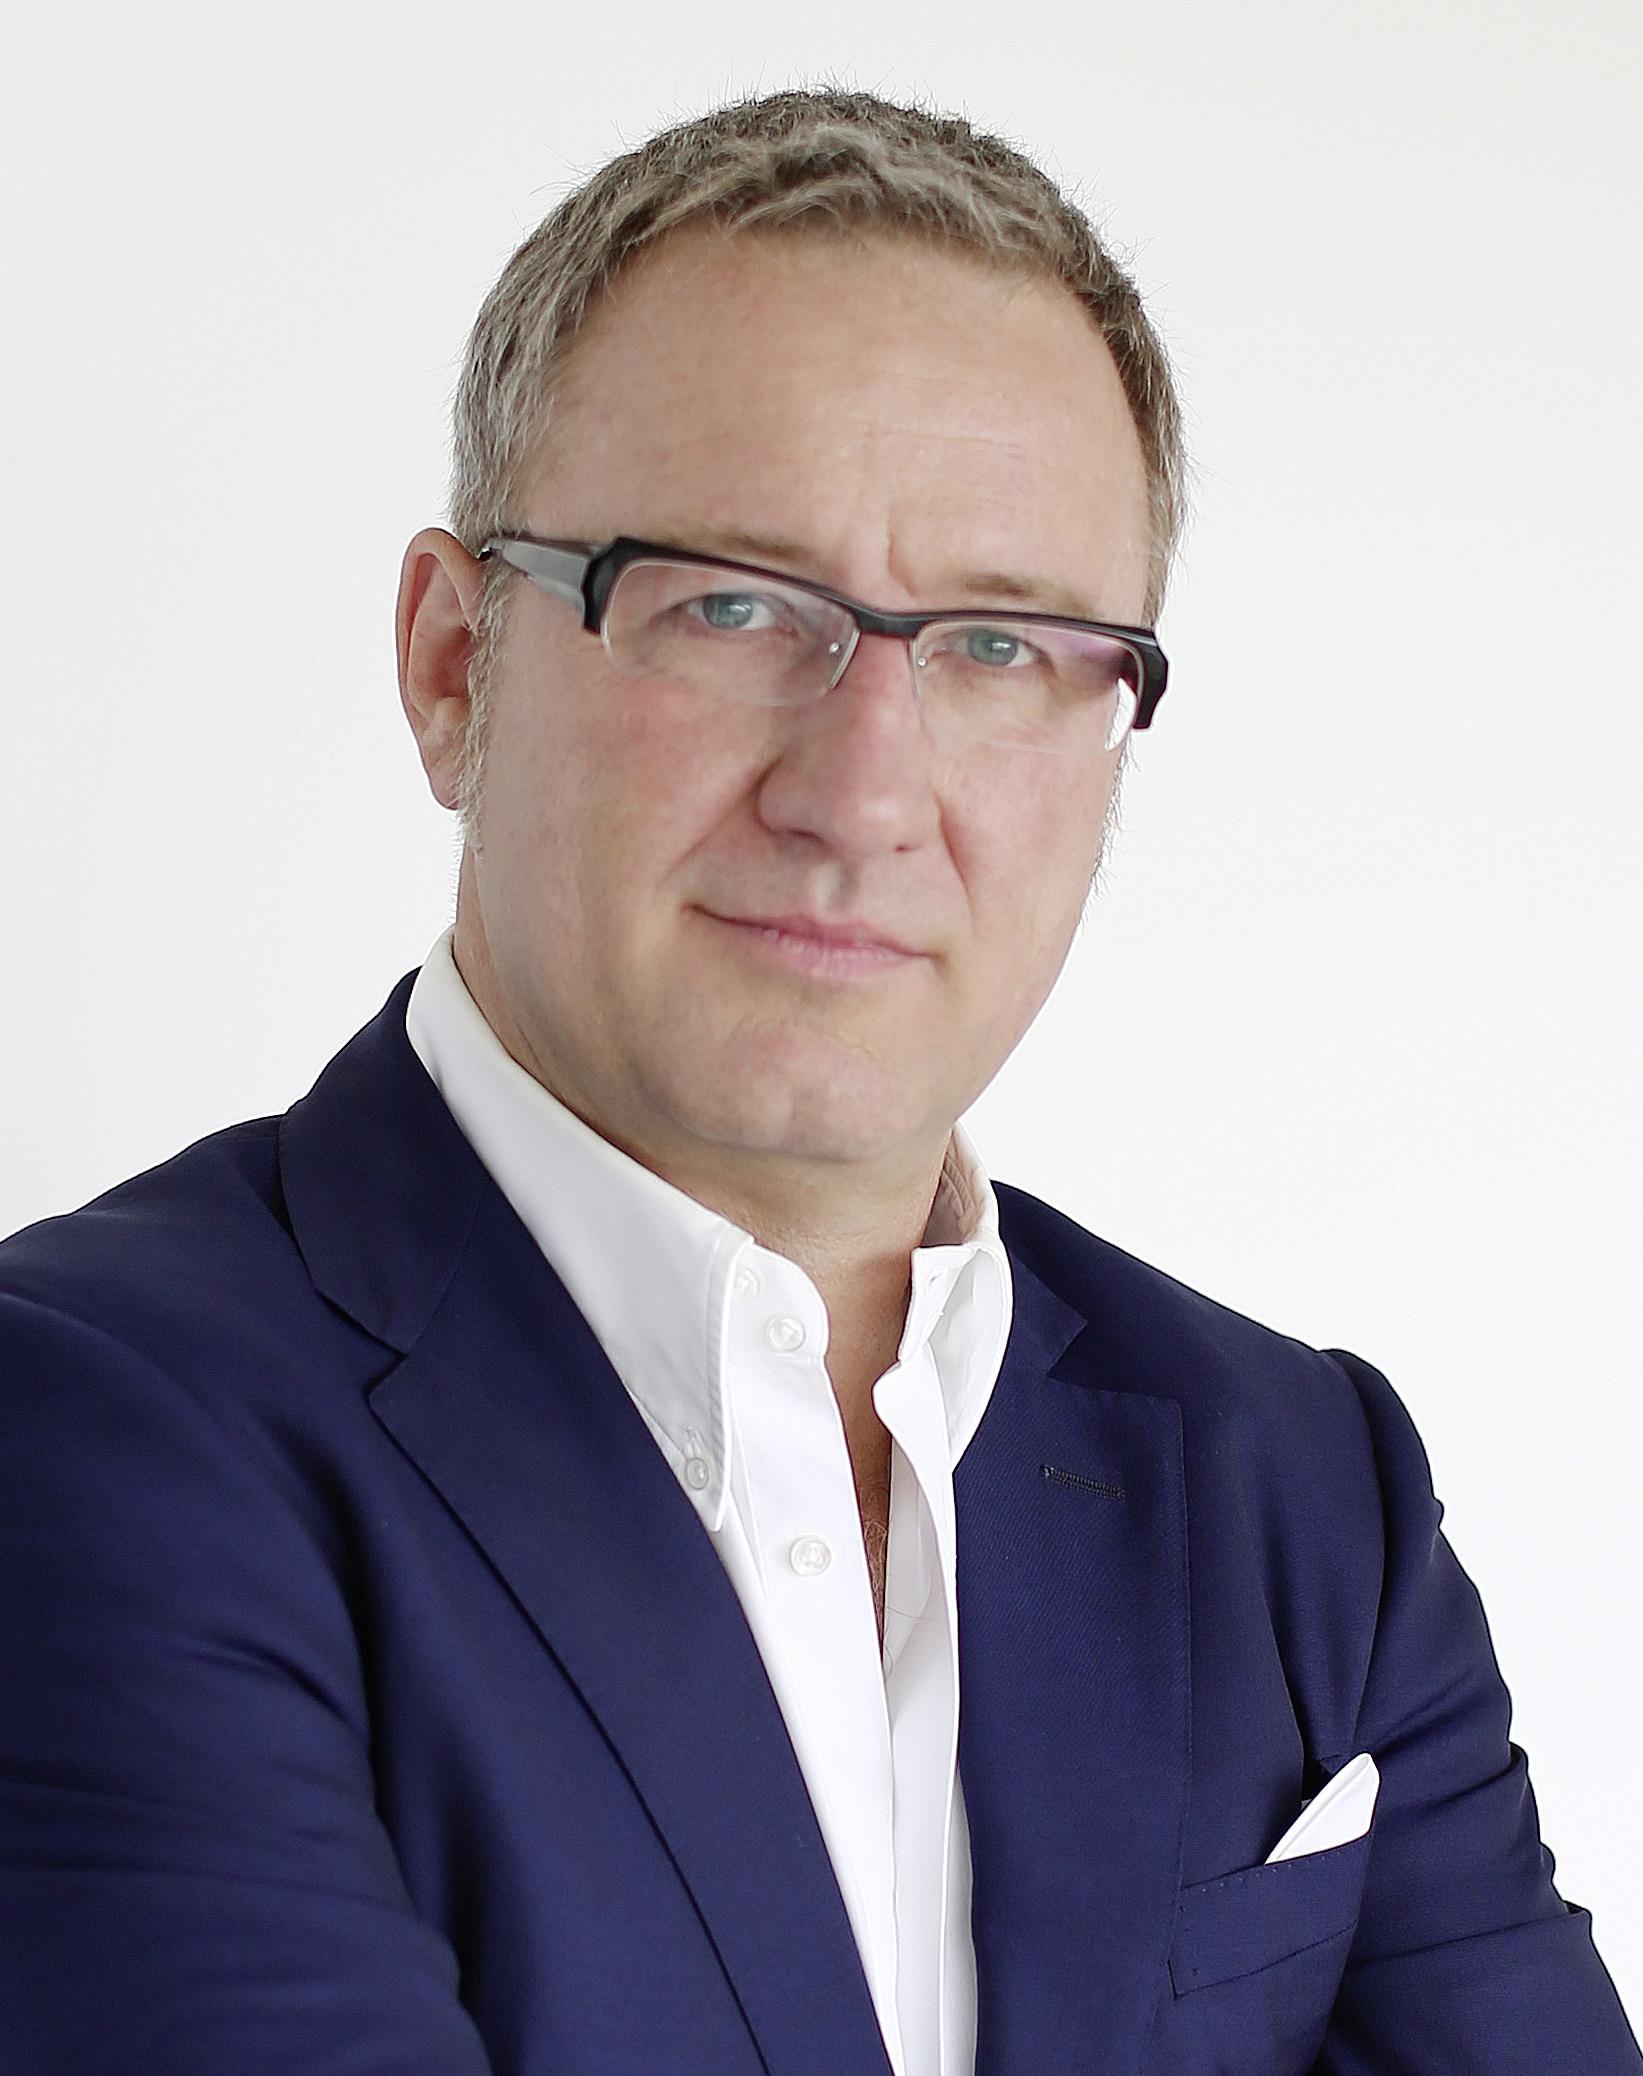 Auf dem Weg nach oben: Jochen Mauch rückt als Chief Digital Officer (CDO) in die Geschäftsleitung von Euronics Deutschland auf.